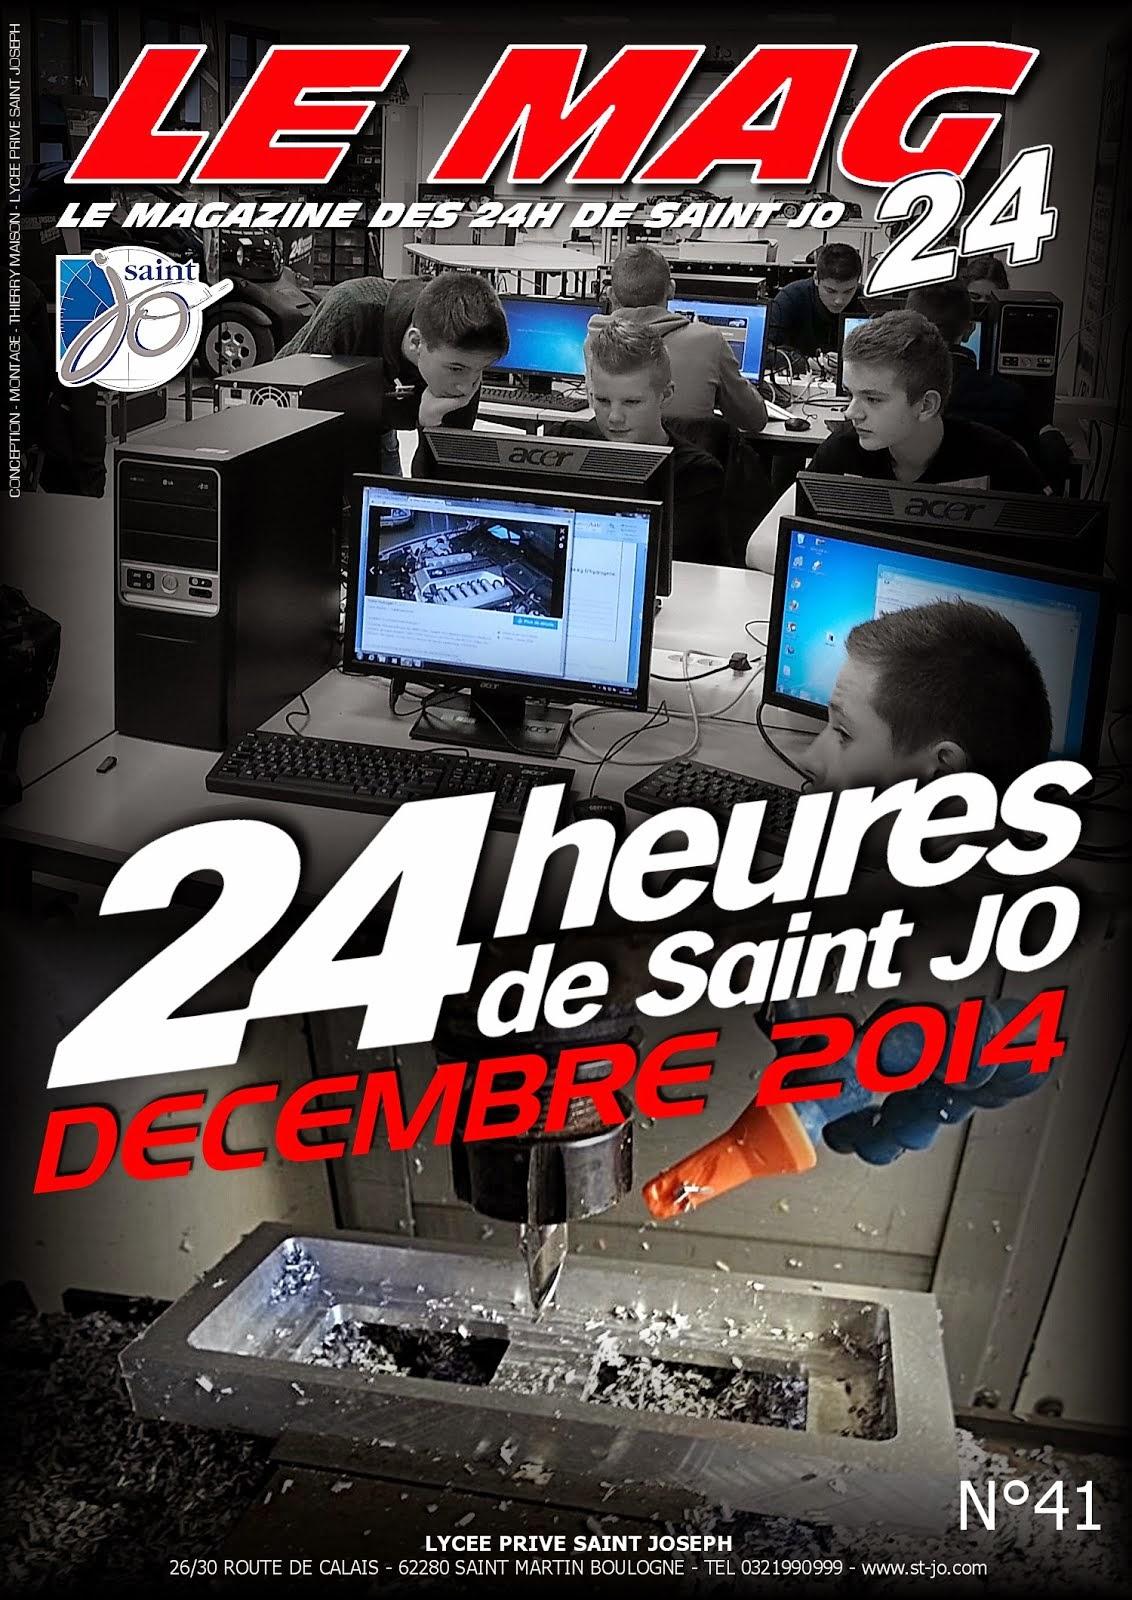 MAG24 - DECEMBRE 2014